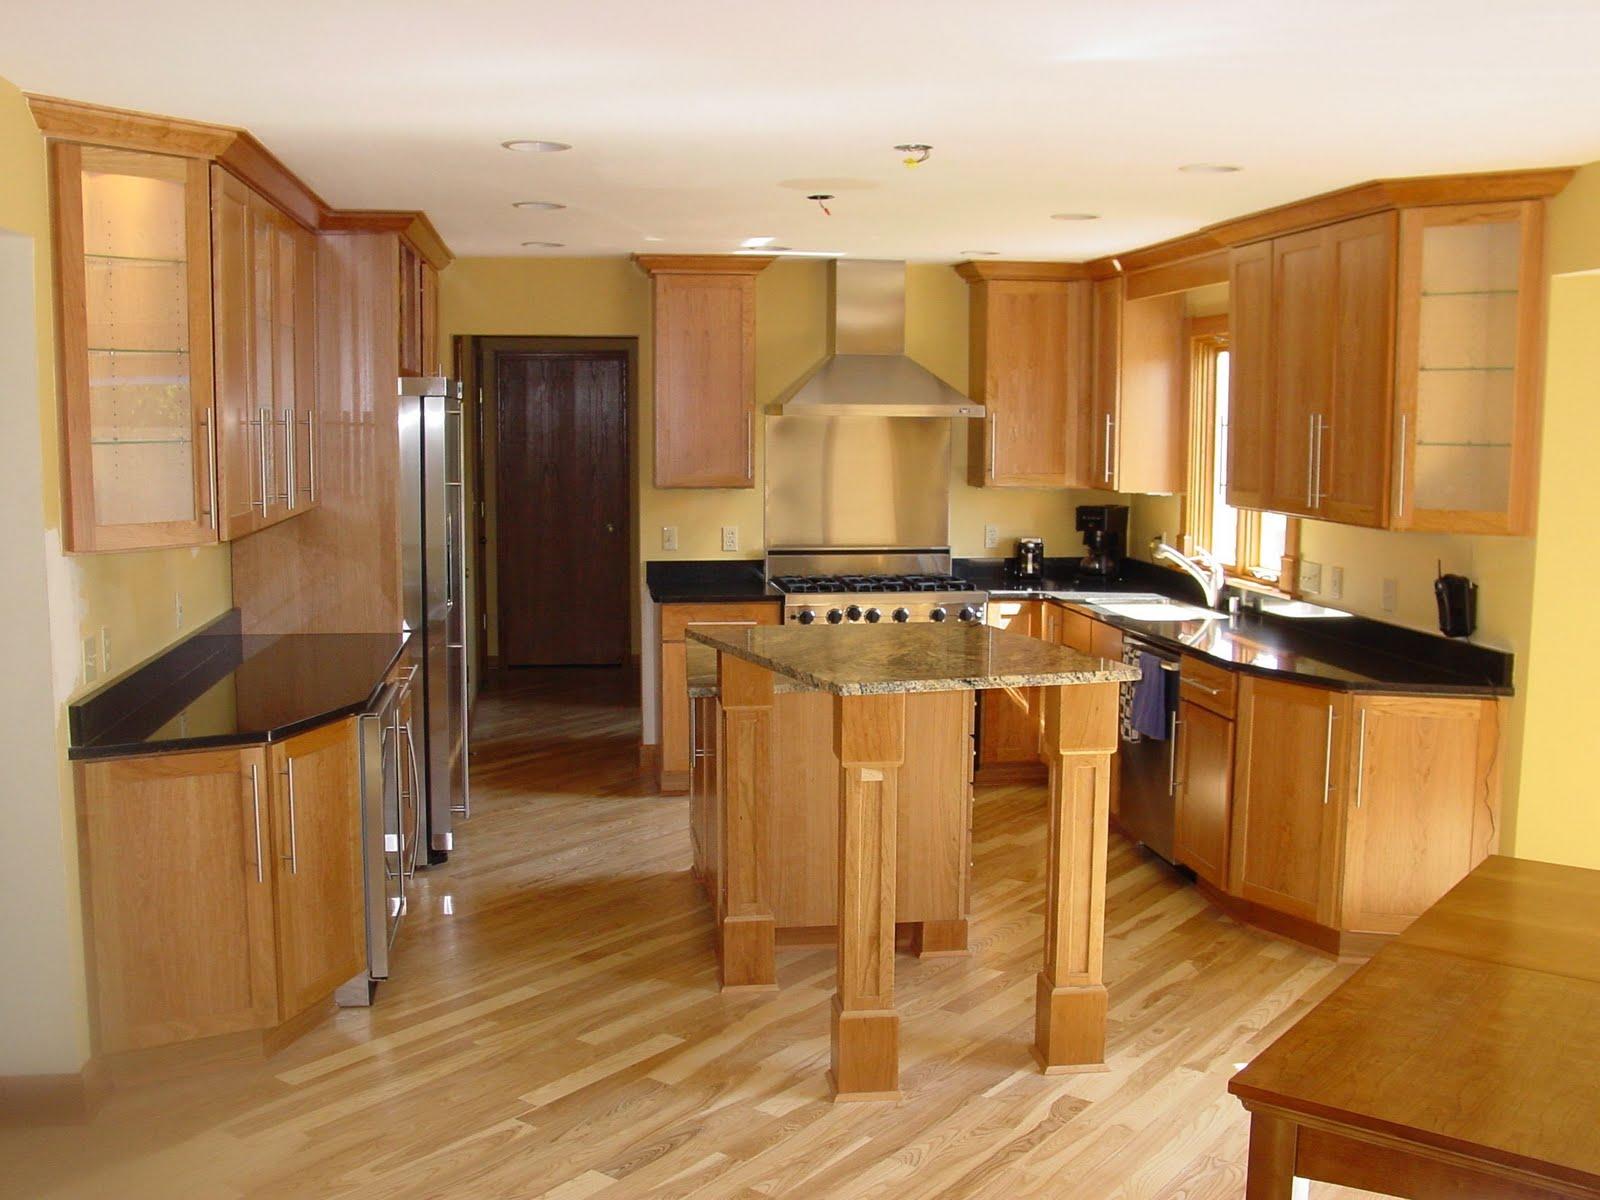 Modelos de cocinas de madera imagui Modelos de decoracion de cocinas